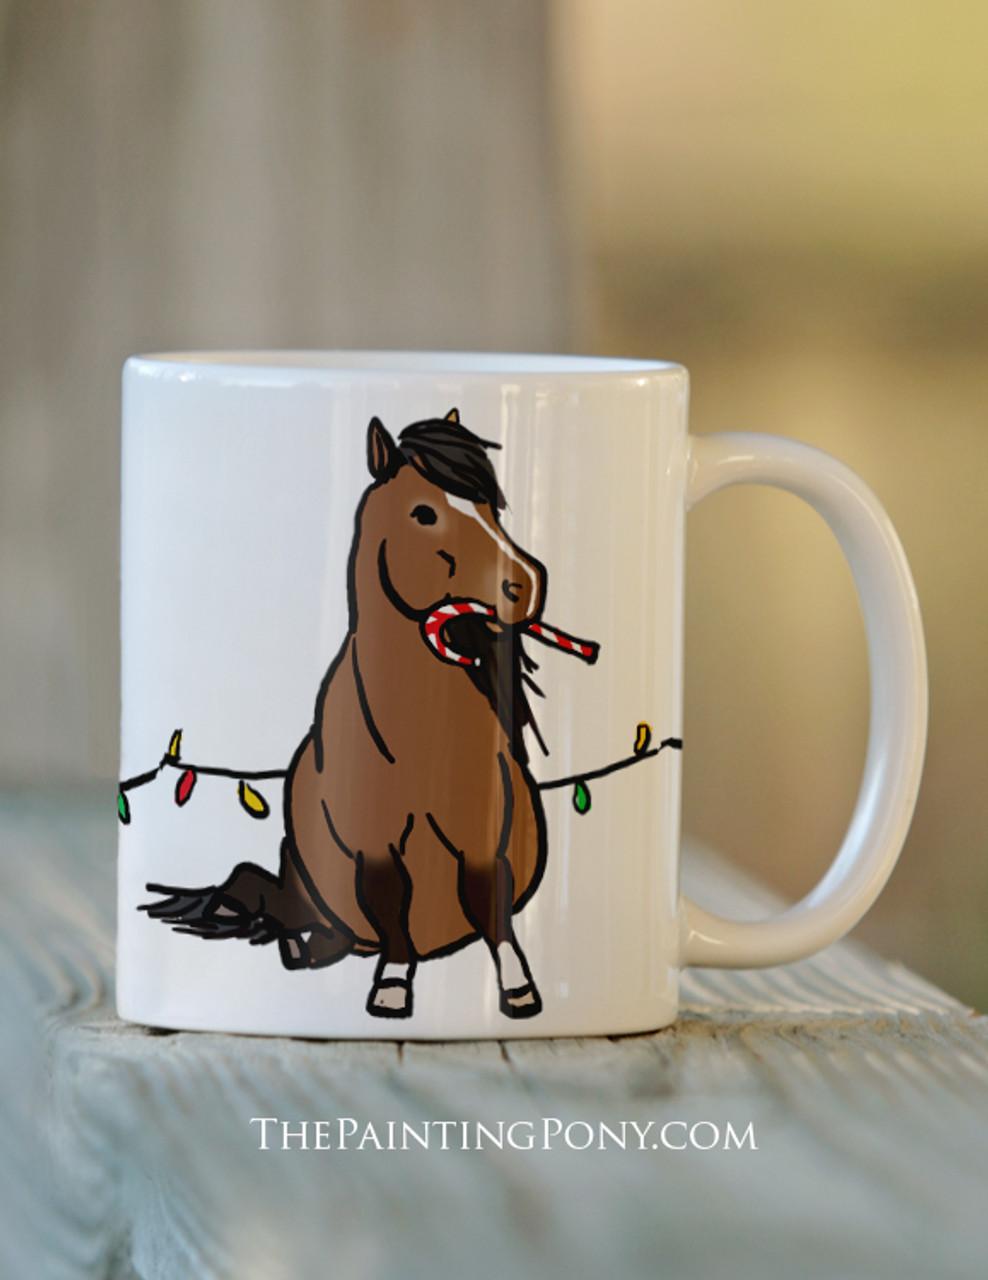 Coffee Christmas Equestrian Pony Coffee Christmas Pony Christmas Equestrian Mug Pony Equestrian Mug pqSVMUz